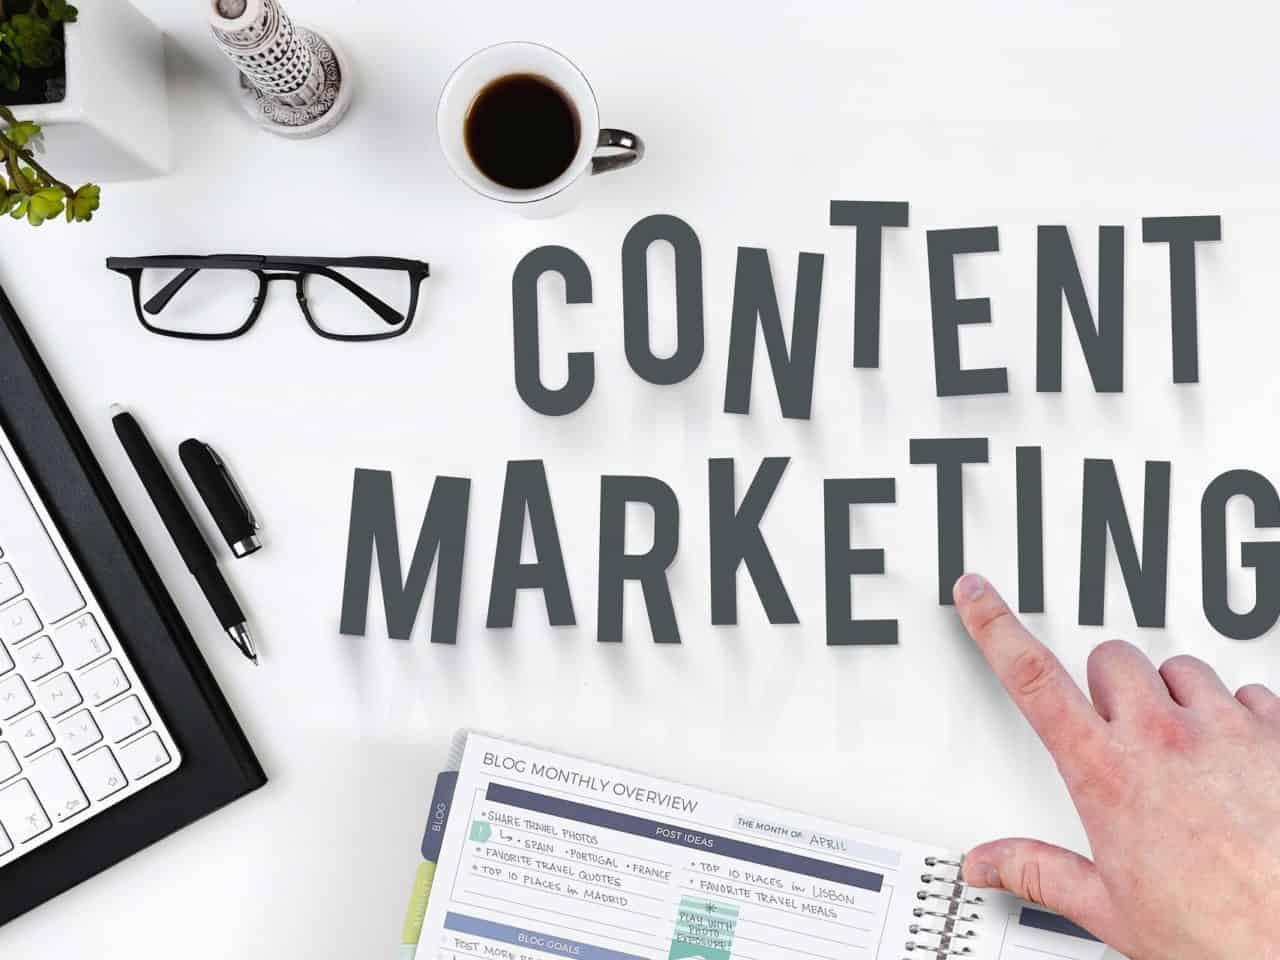 https://pr-helden.de/wp-content/uploads/2021/04/content-marketing-4111003_1920-1280x960.jpg